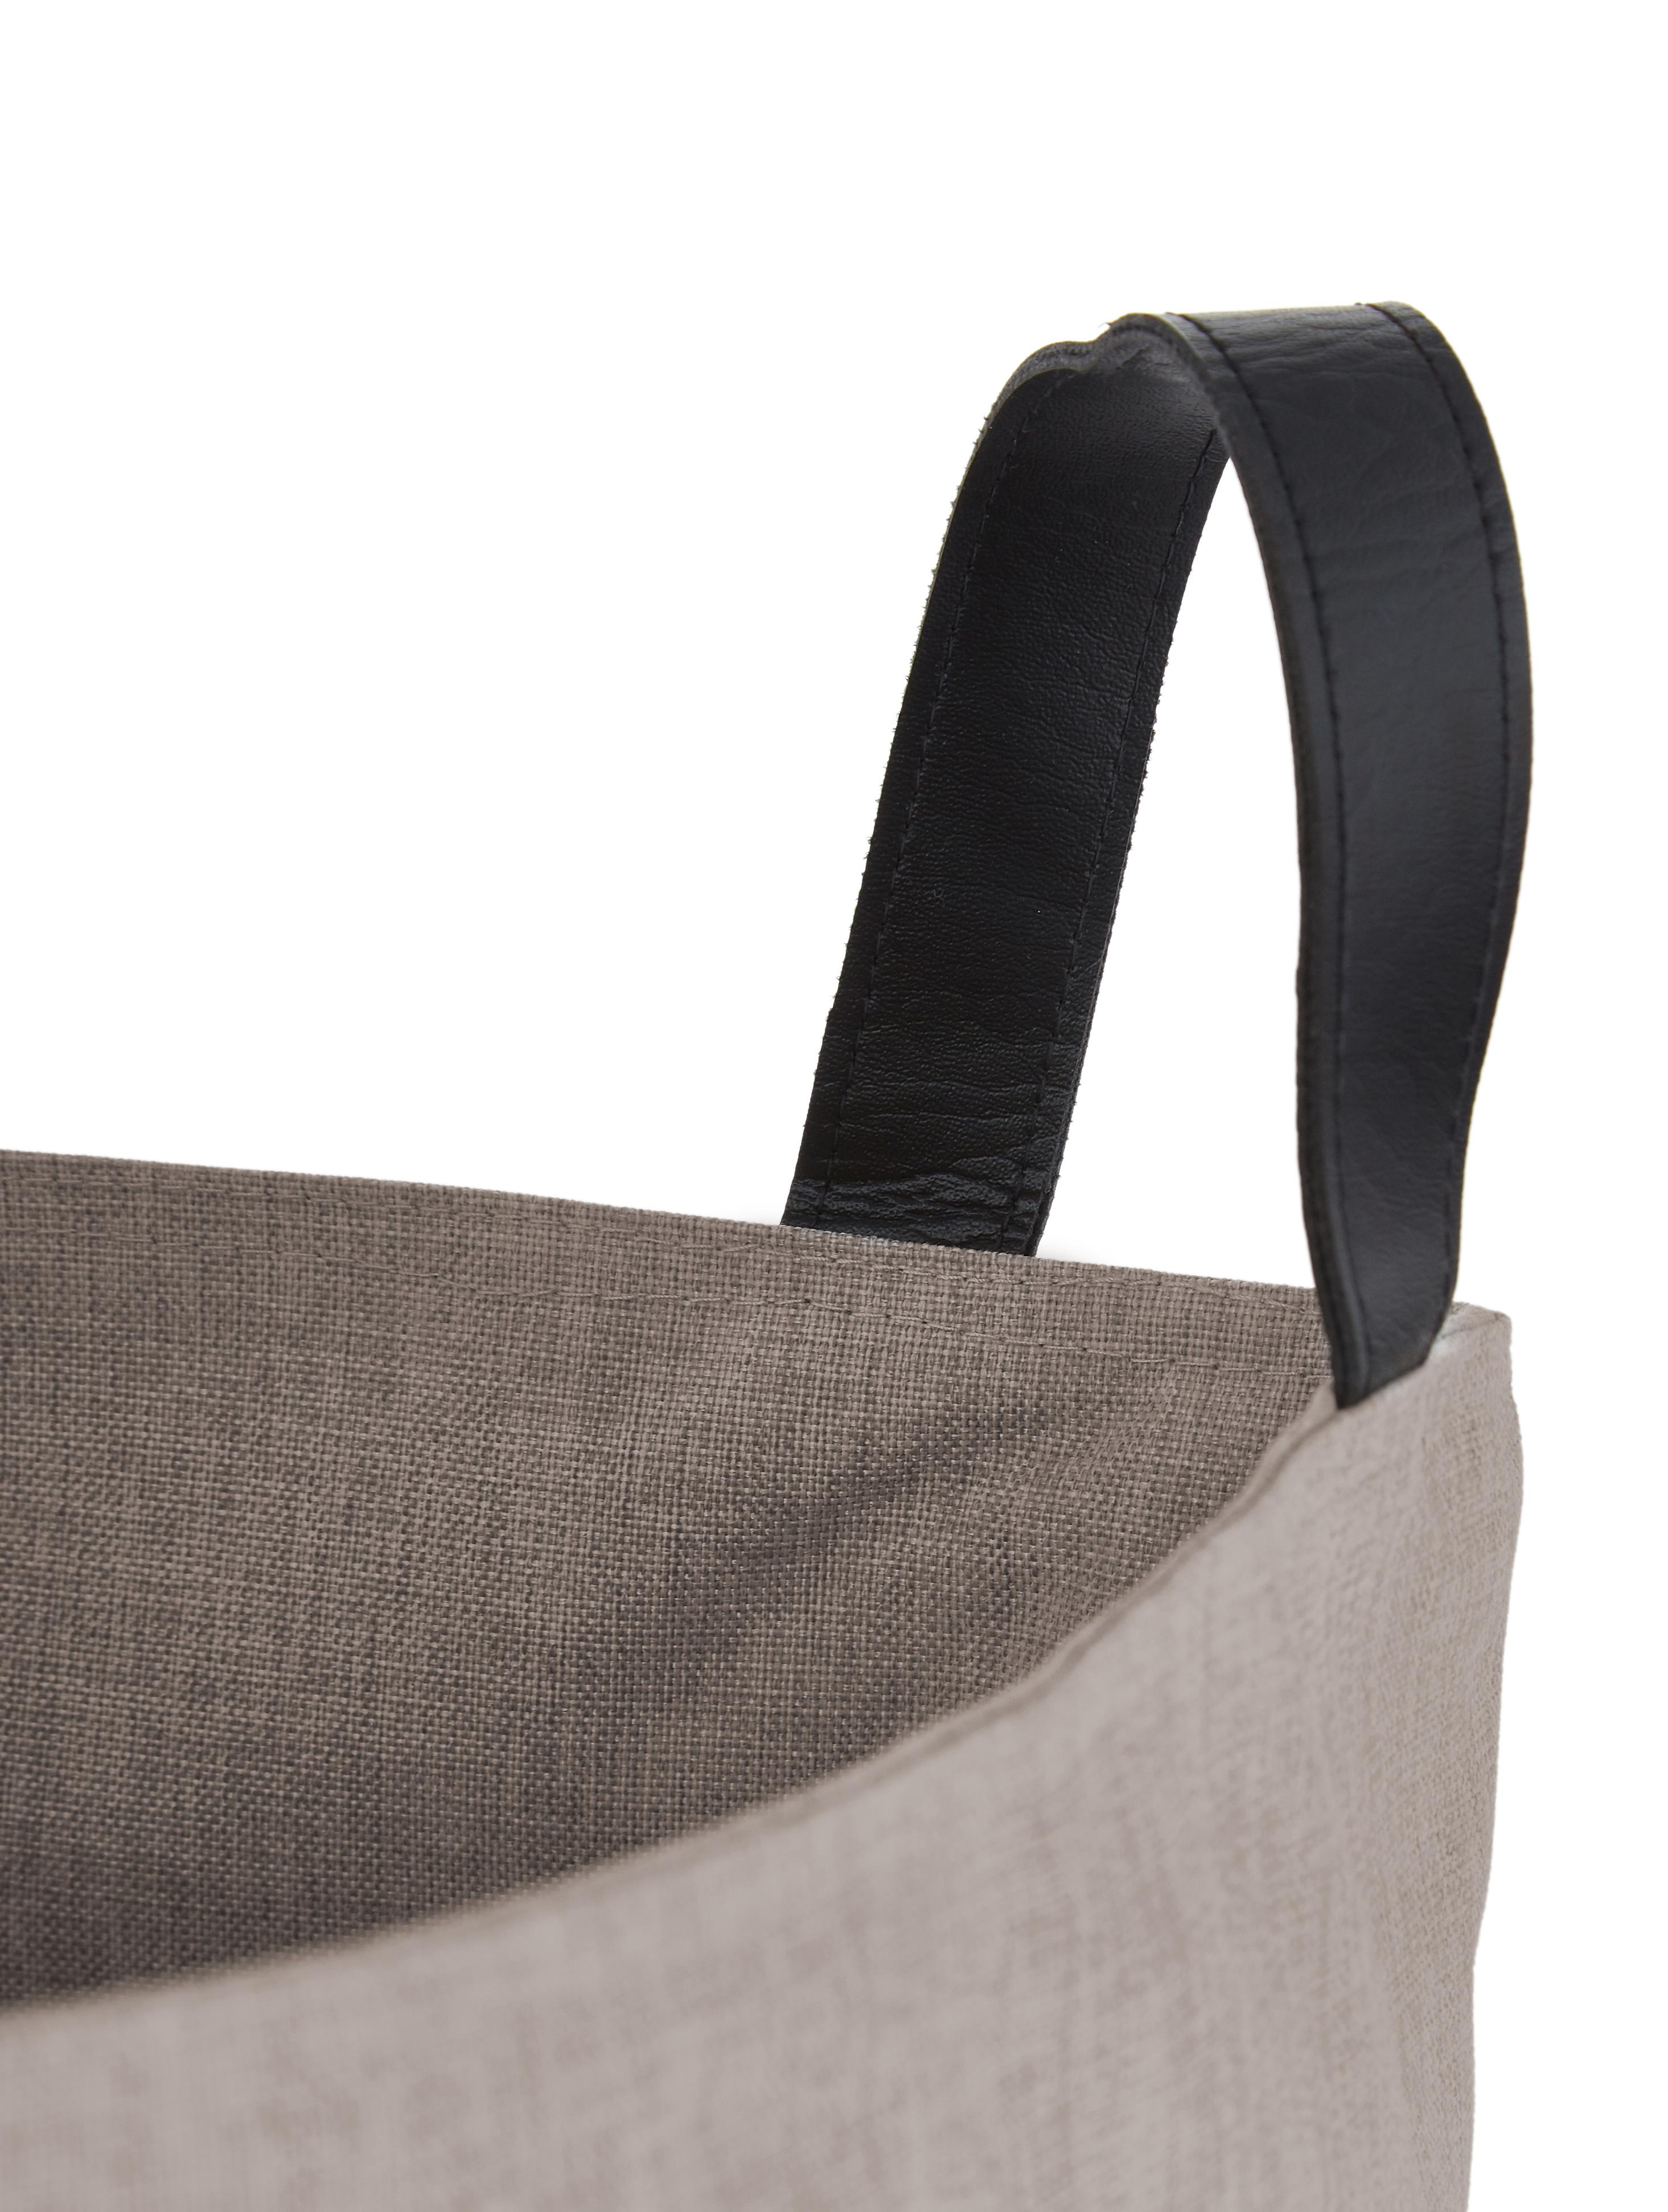 Wasmand Floor, Wasmand: beige. Handvatten: zwart, Ø 40 x H 55 cm